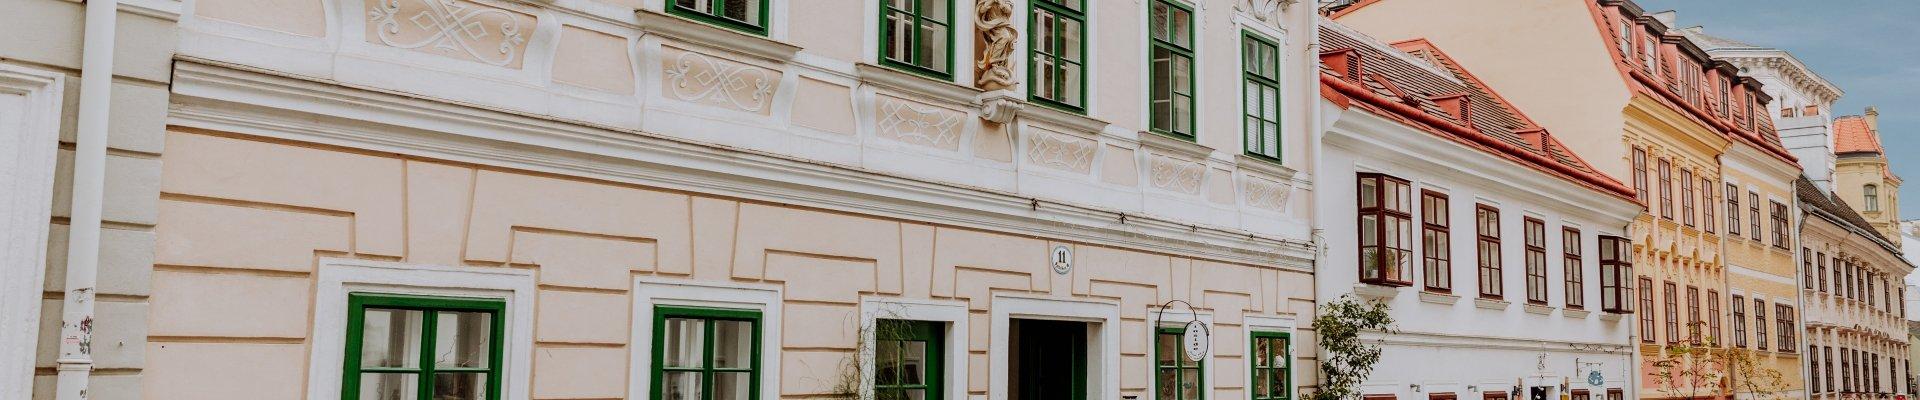 00000094968_Rundgang-durch-die-Stadt-Wien-Spittelberg_Oesterreich-Werbung_thecreatingclick-com.jpg